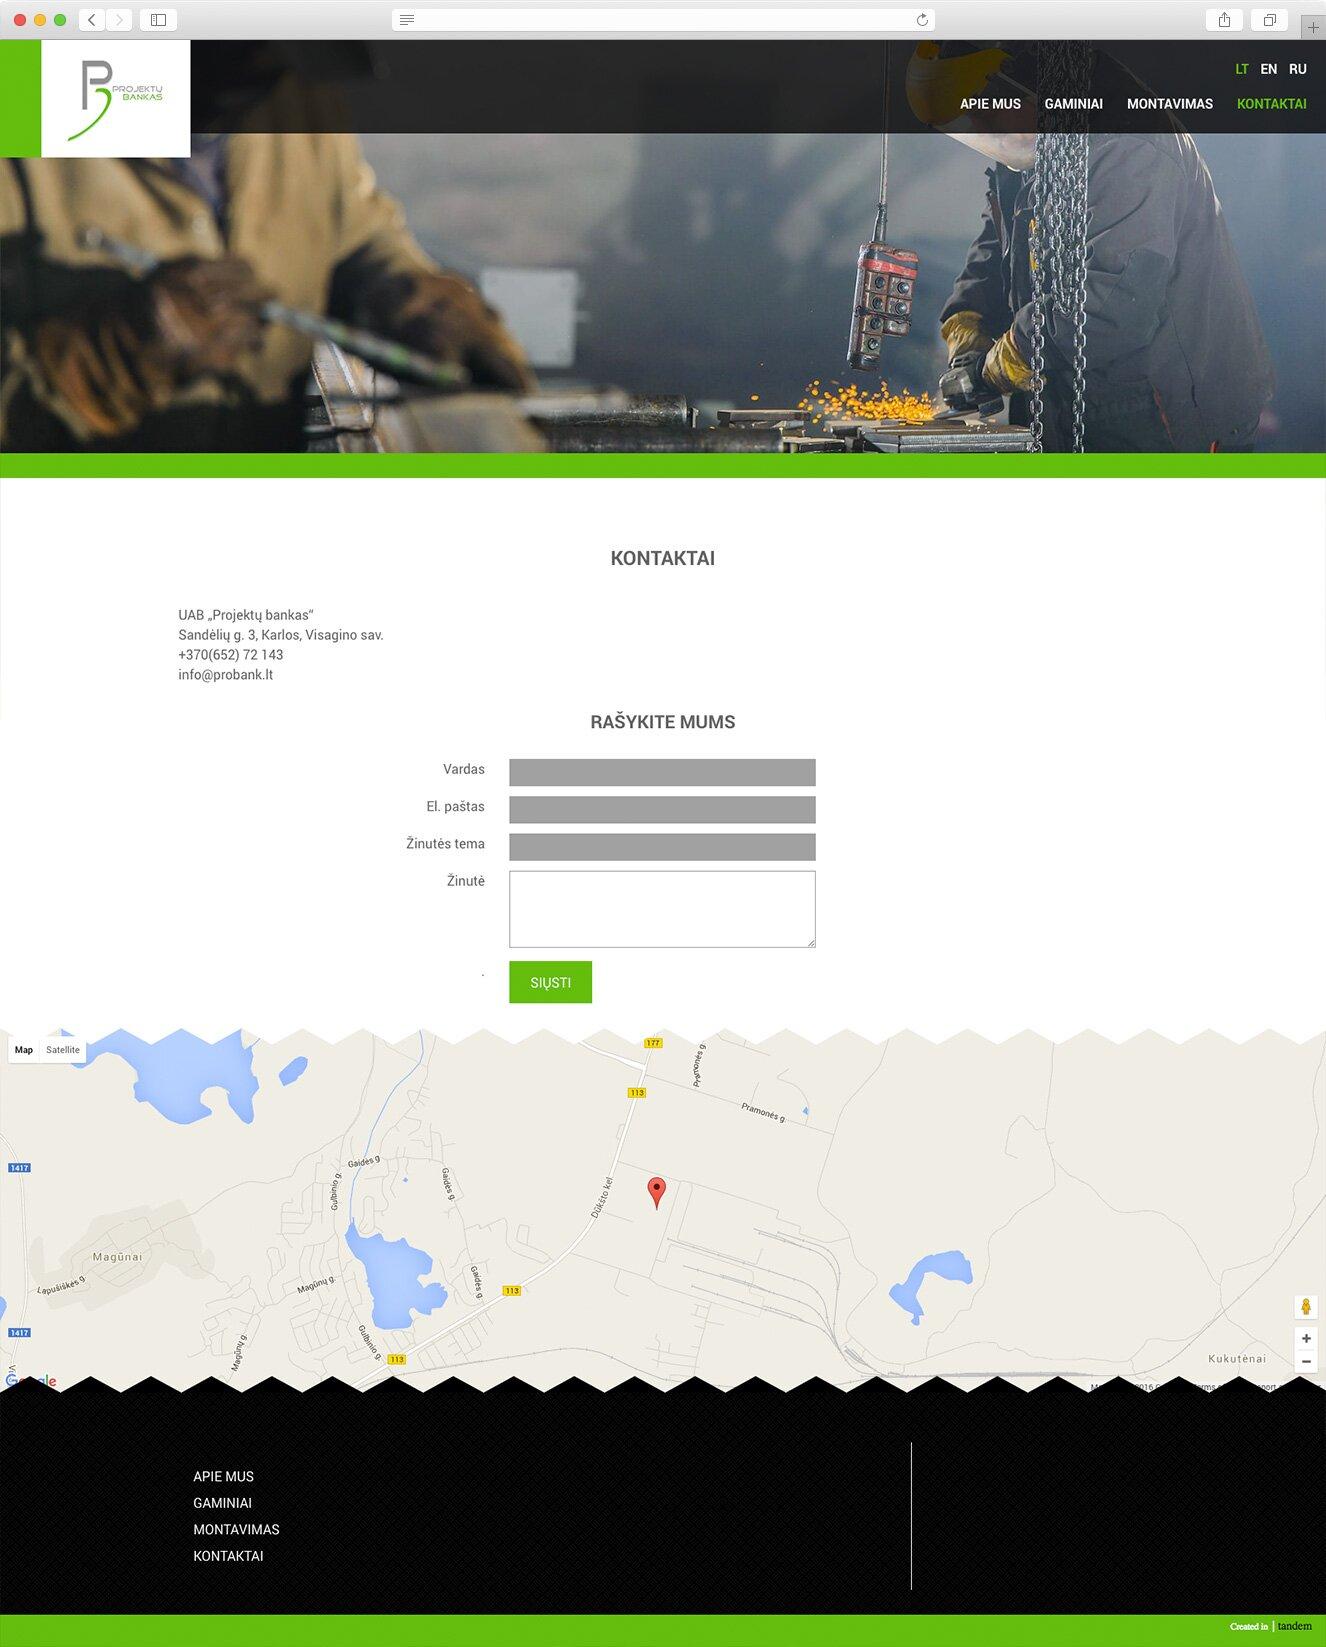 projektu-bankas-internetines-svetaines-dizainas-2